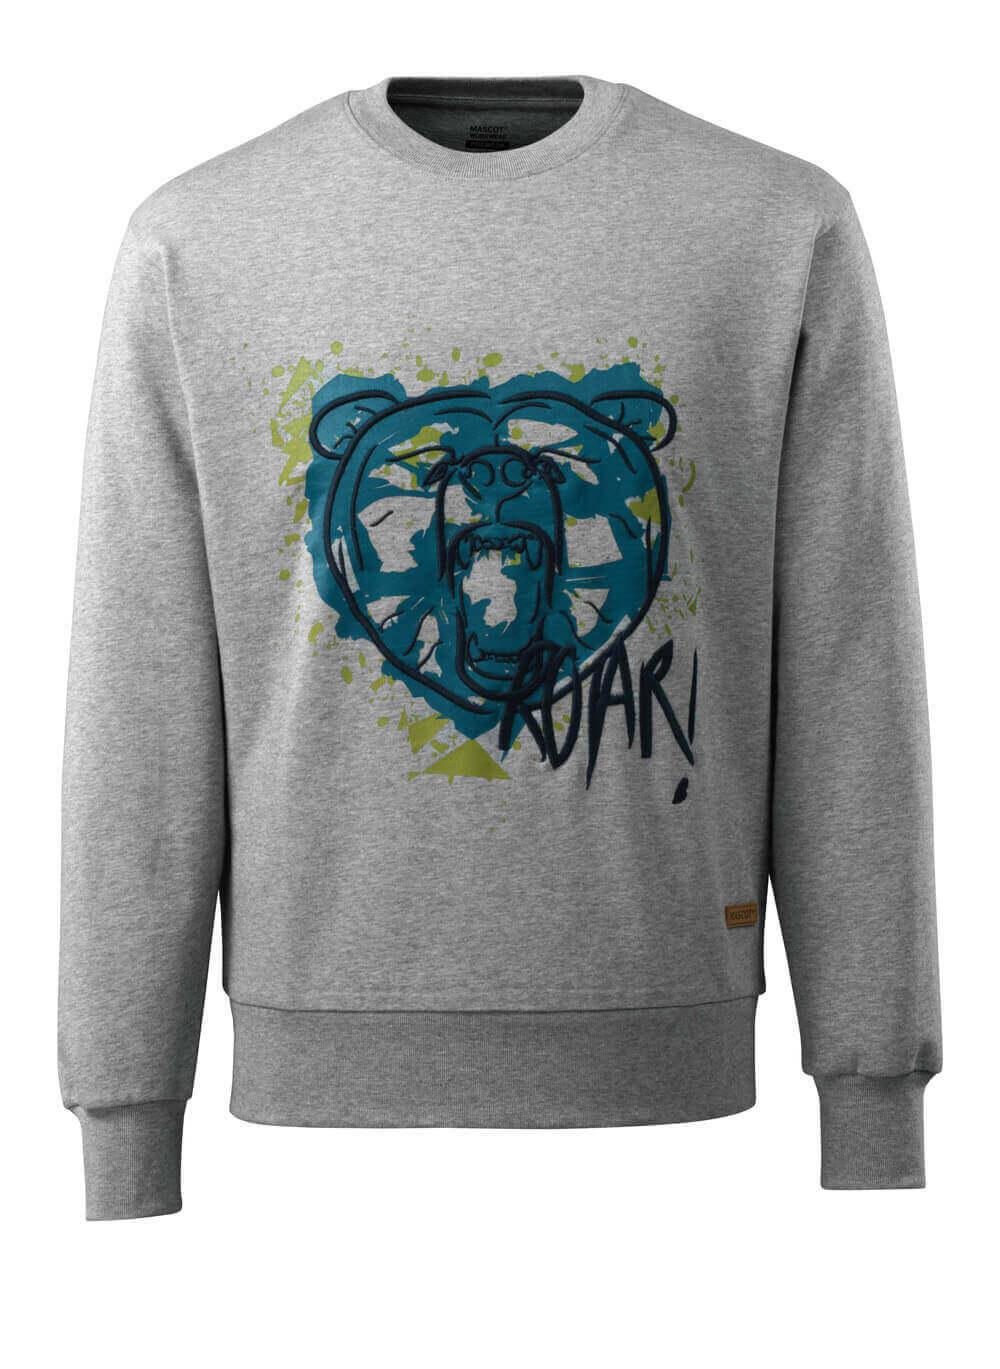 17284-280-08 Sweatshirt - grå